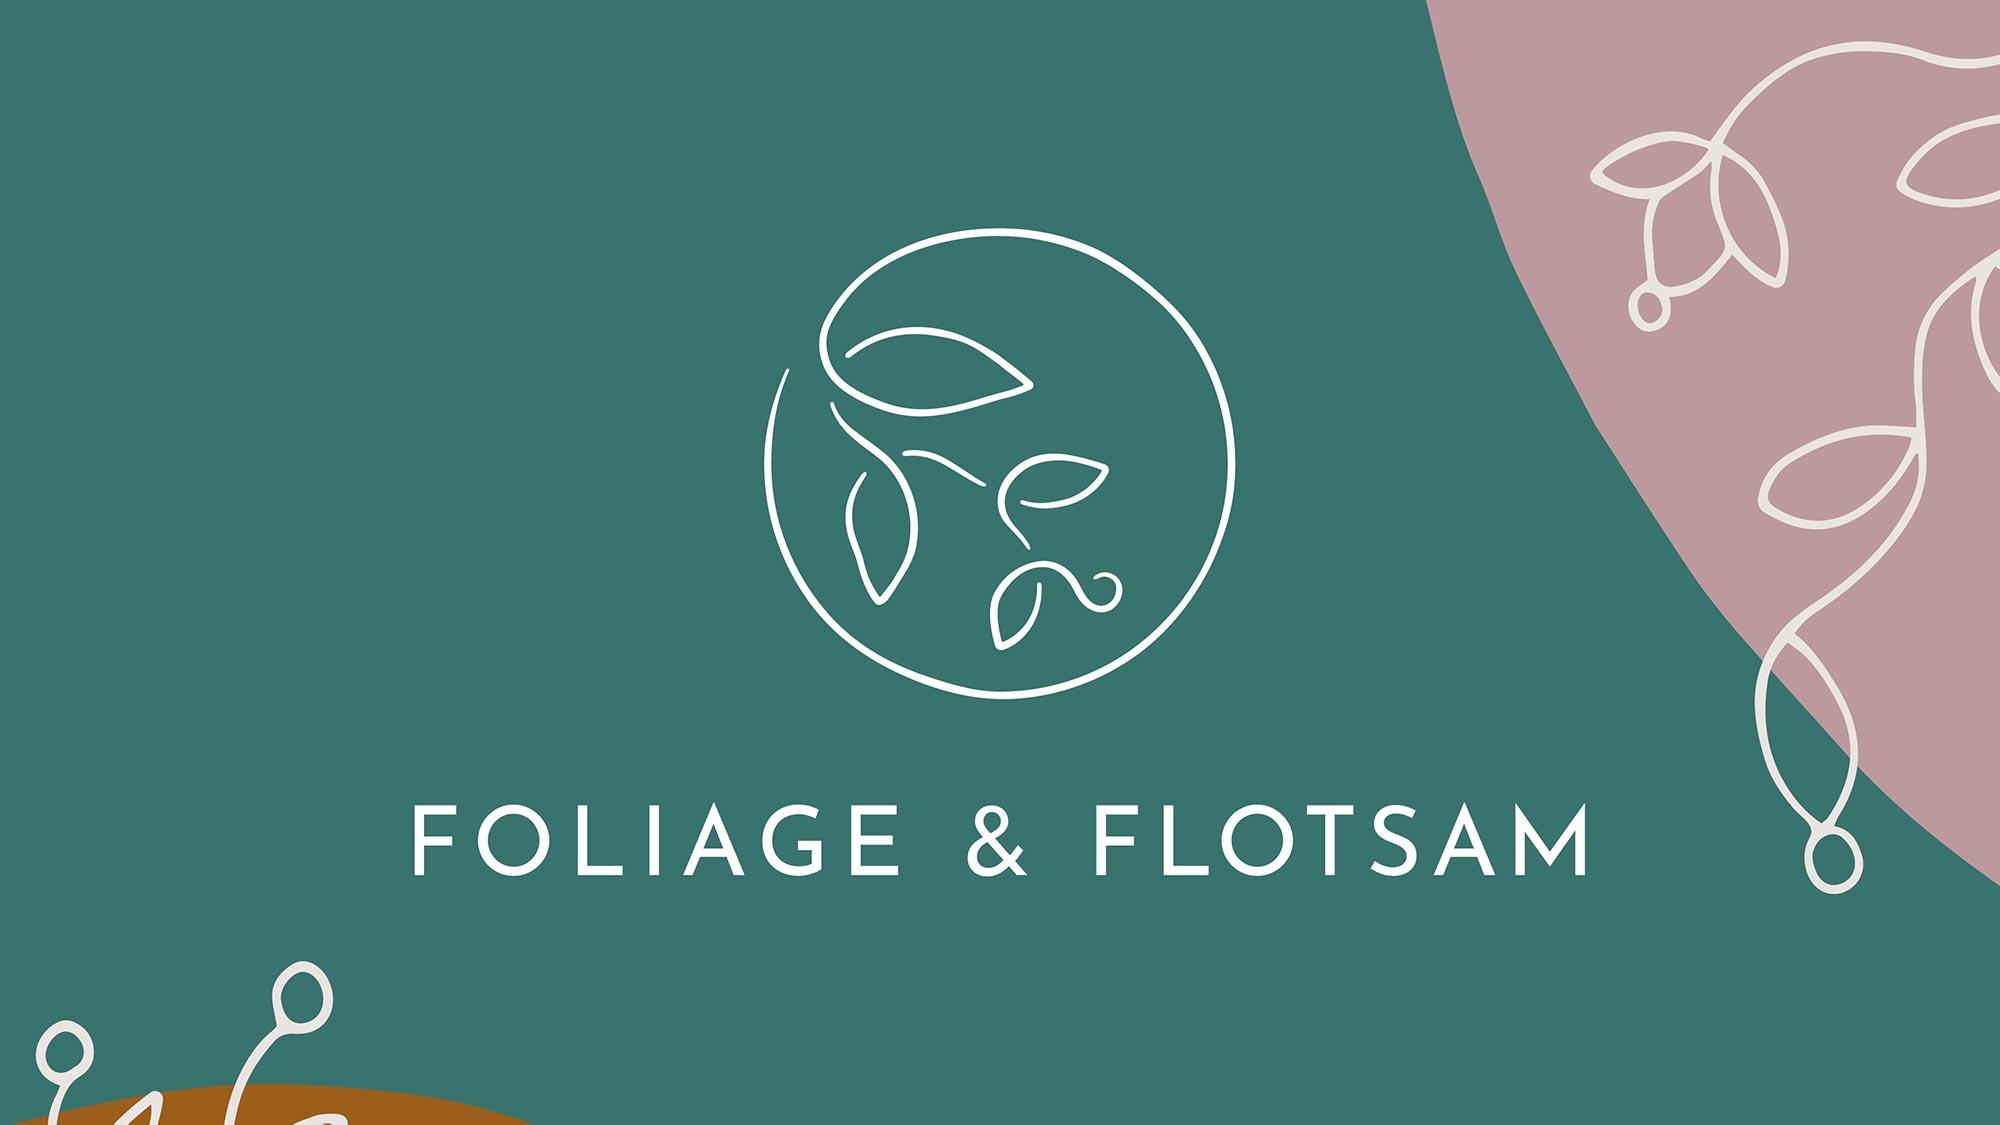 Foliage and Flotsam